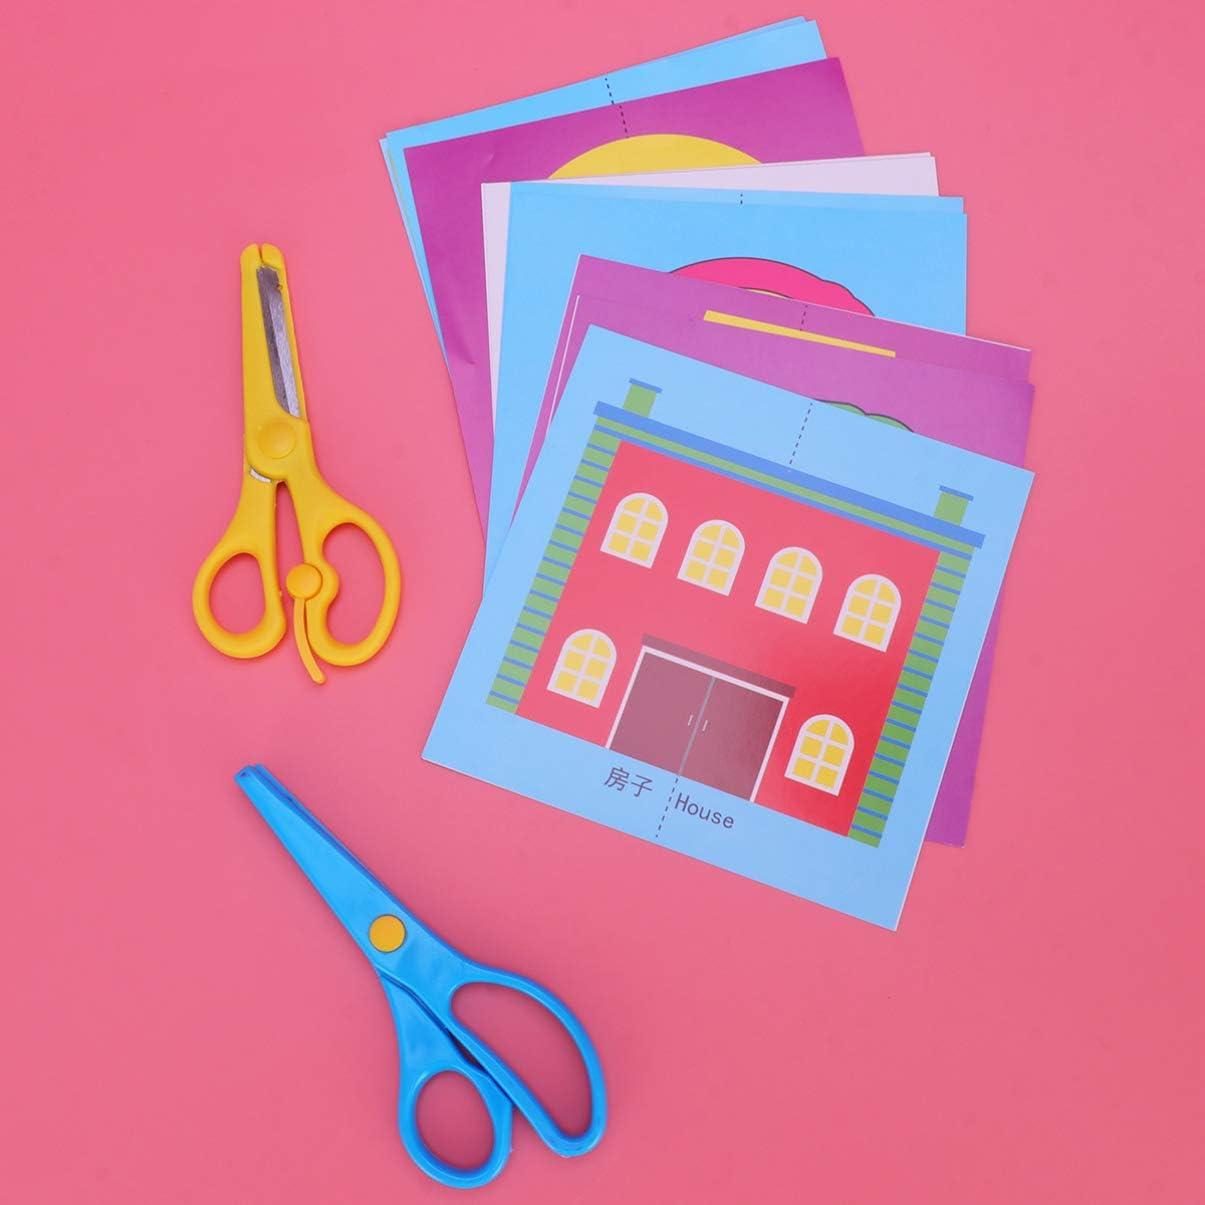 NUOBESTY 120 Piezas de Papel de Origami Hojas de Origami Papel Plegable Colorido con Tijera para Ni/ños Suministros para Manualidades Diy